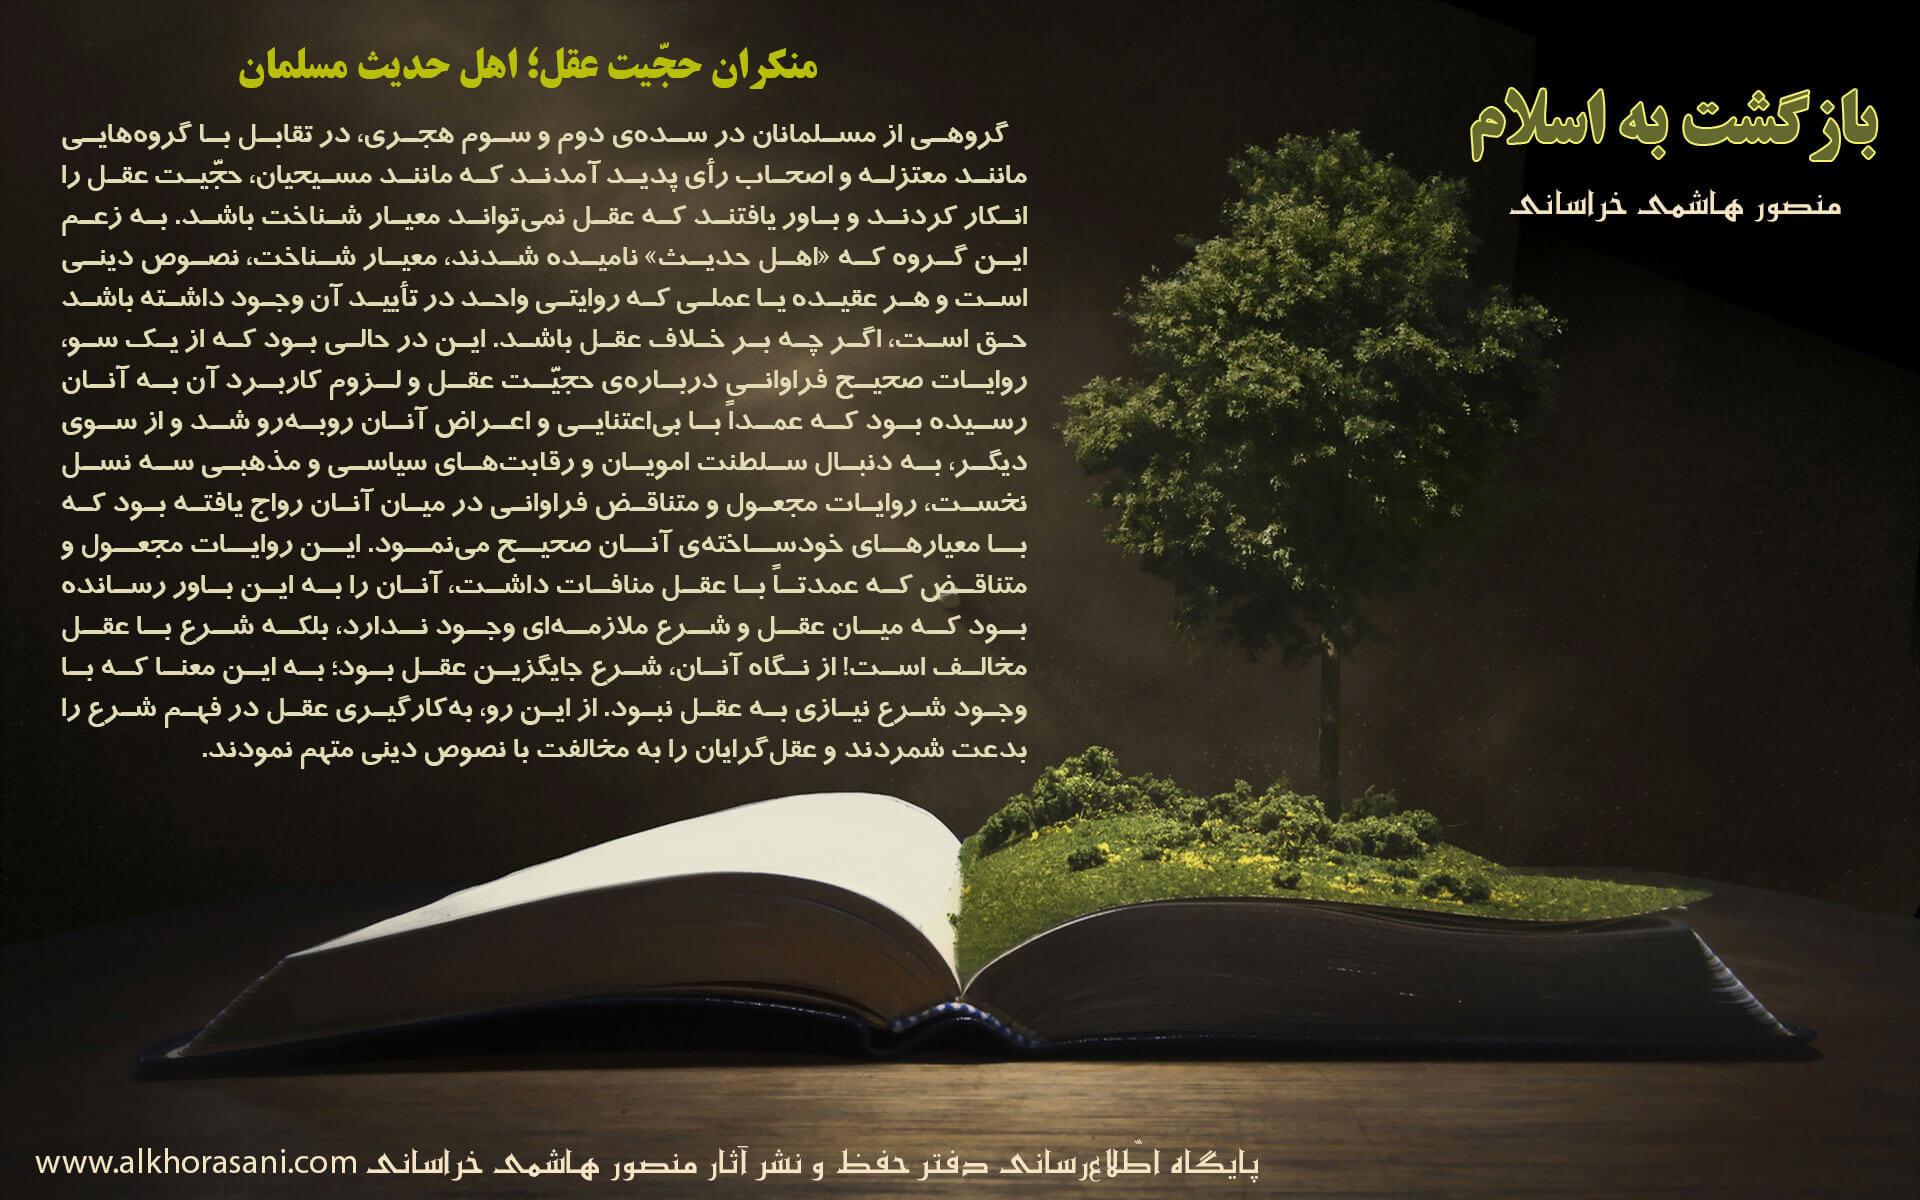 منکران حجیّت عقل؛ اهل حدیث مسلمان